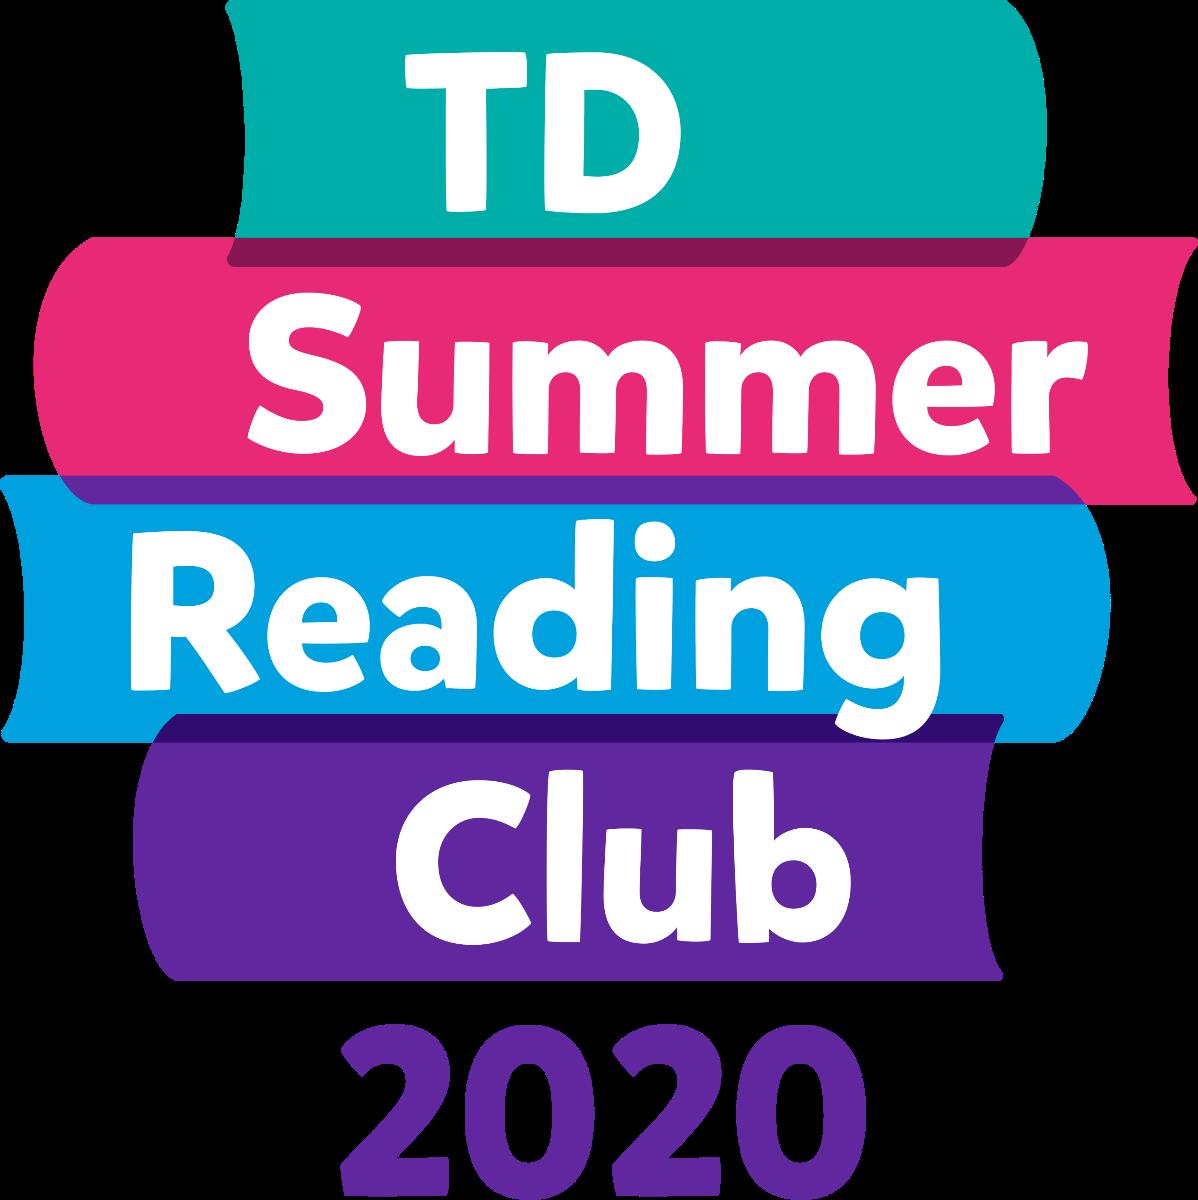 TD Summer Reading Club 2020